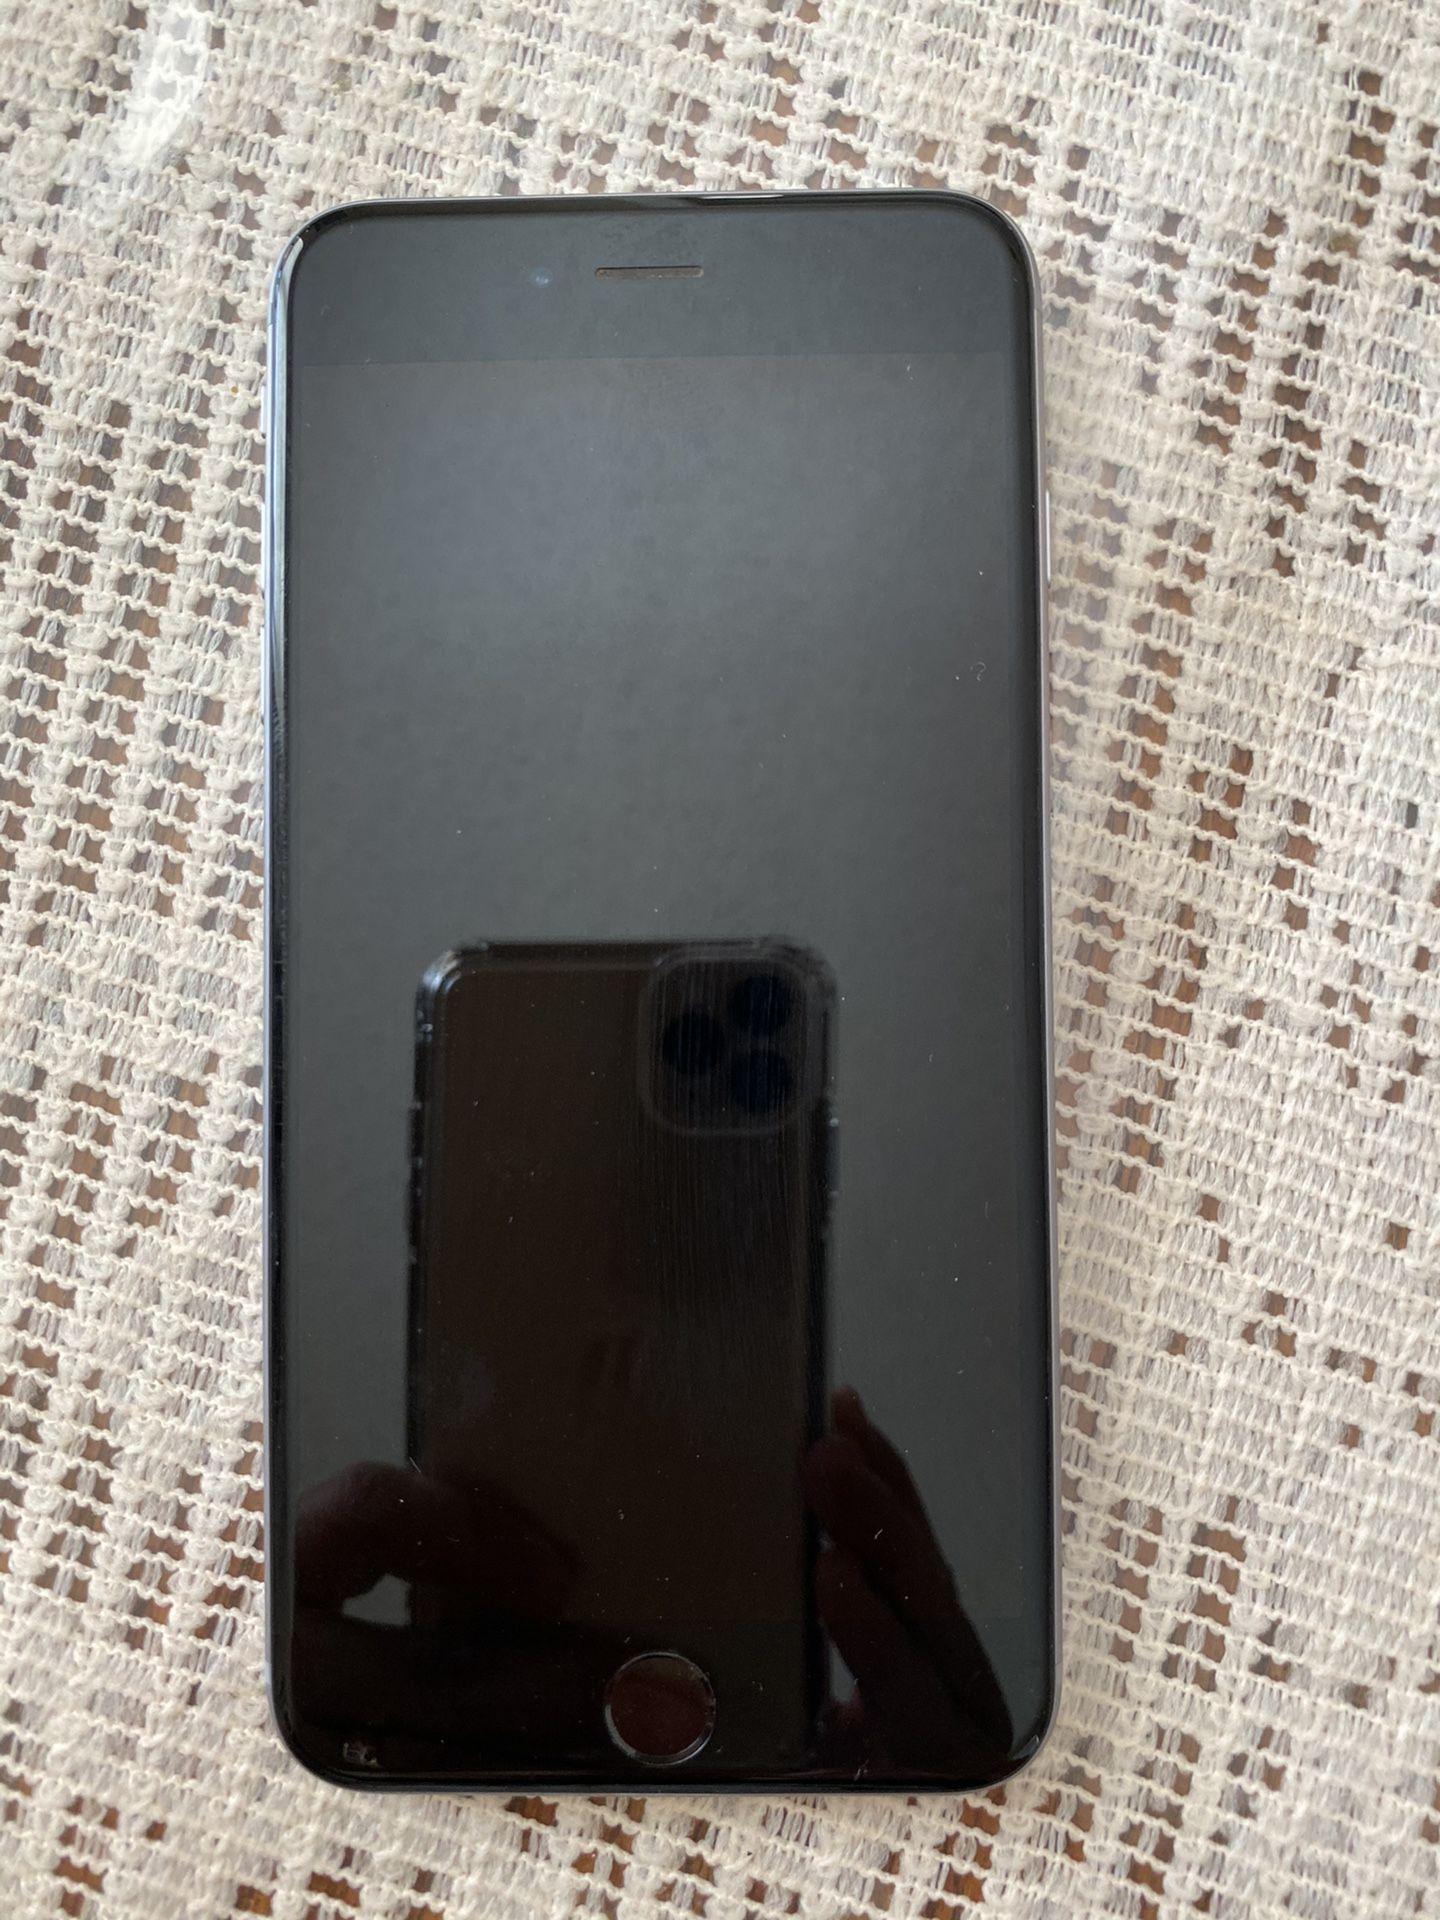 iPhone 6s Plus unblocked